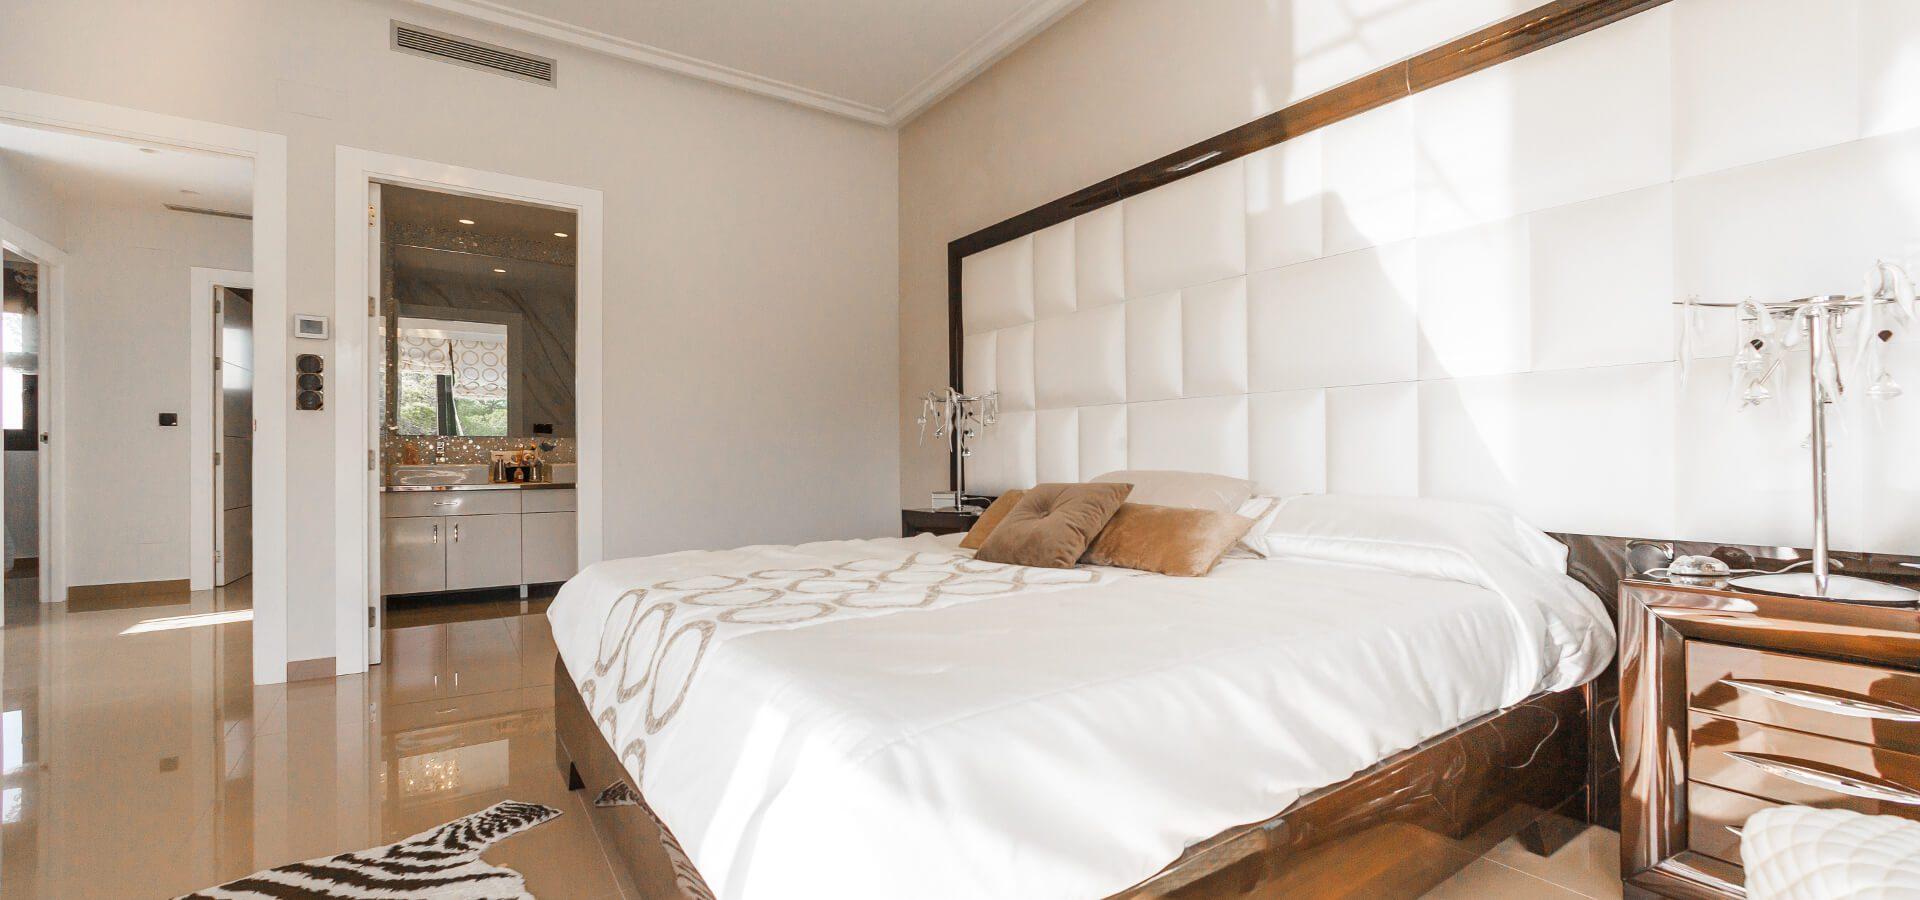 Airbnb - jak rezerwować tanie i sprawdzone noclegi? Poradnik podróżnika